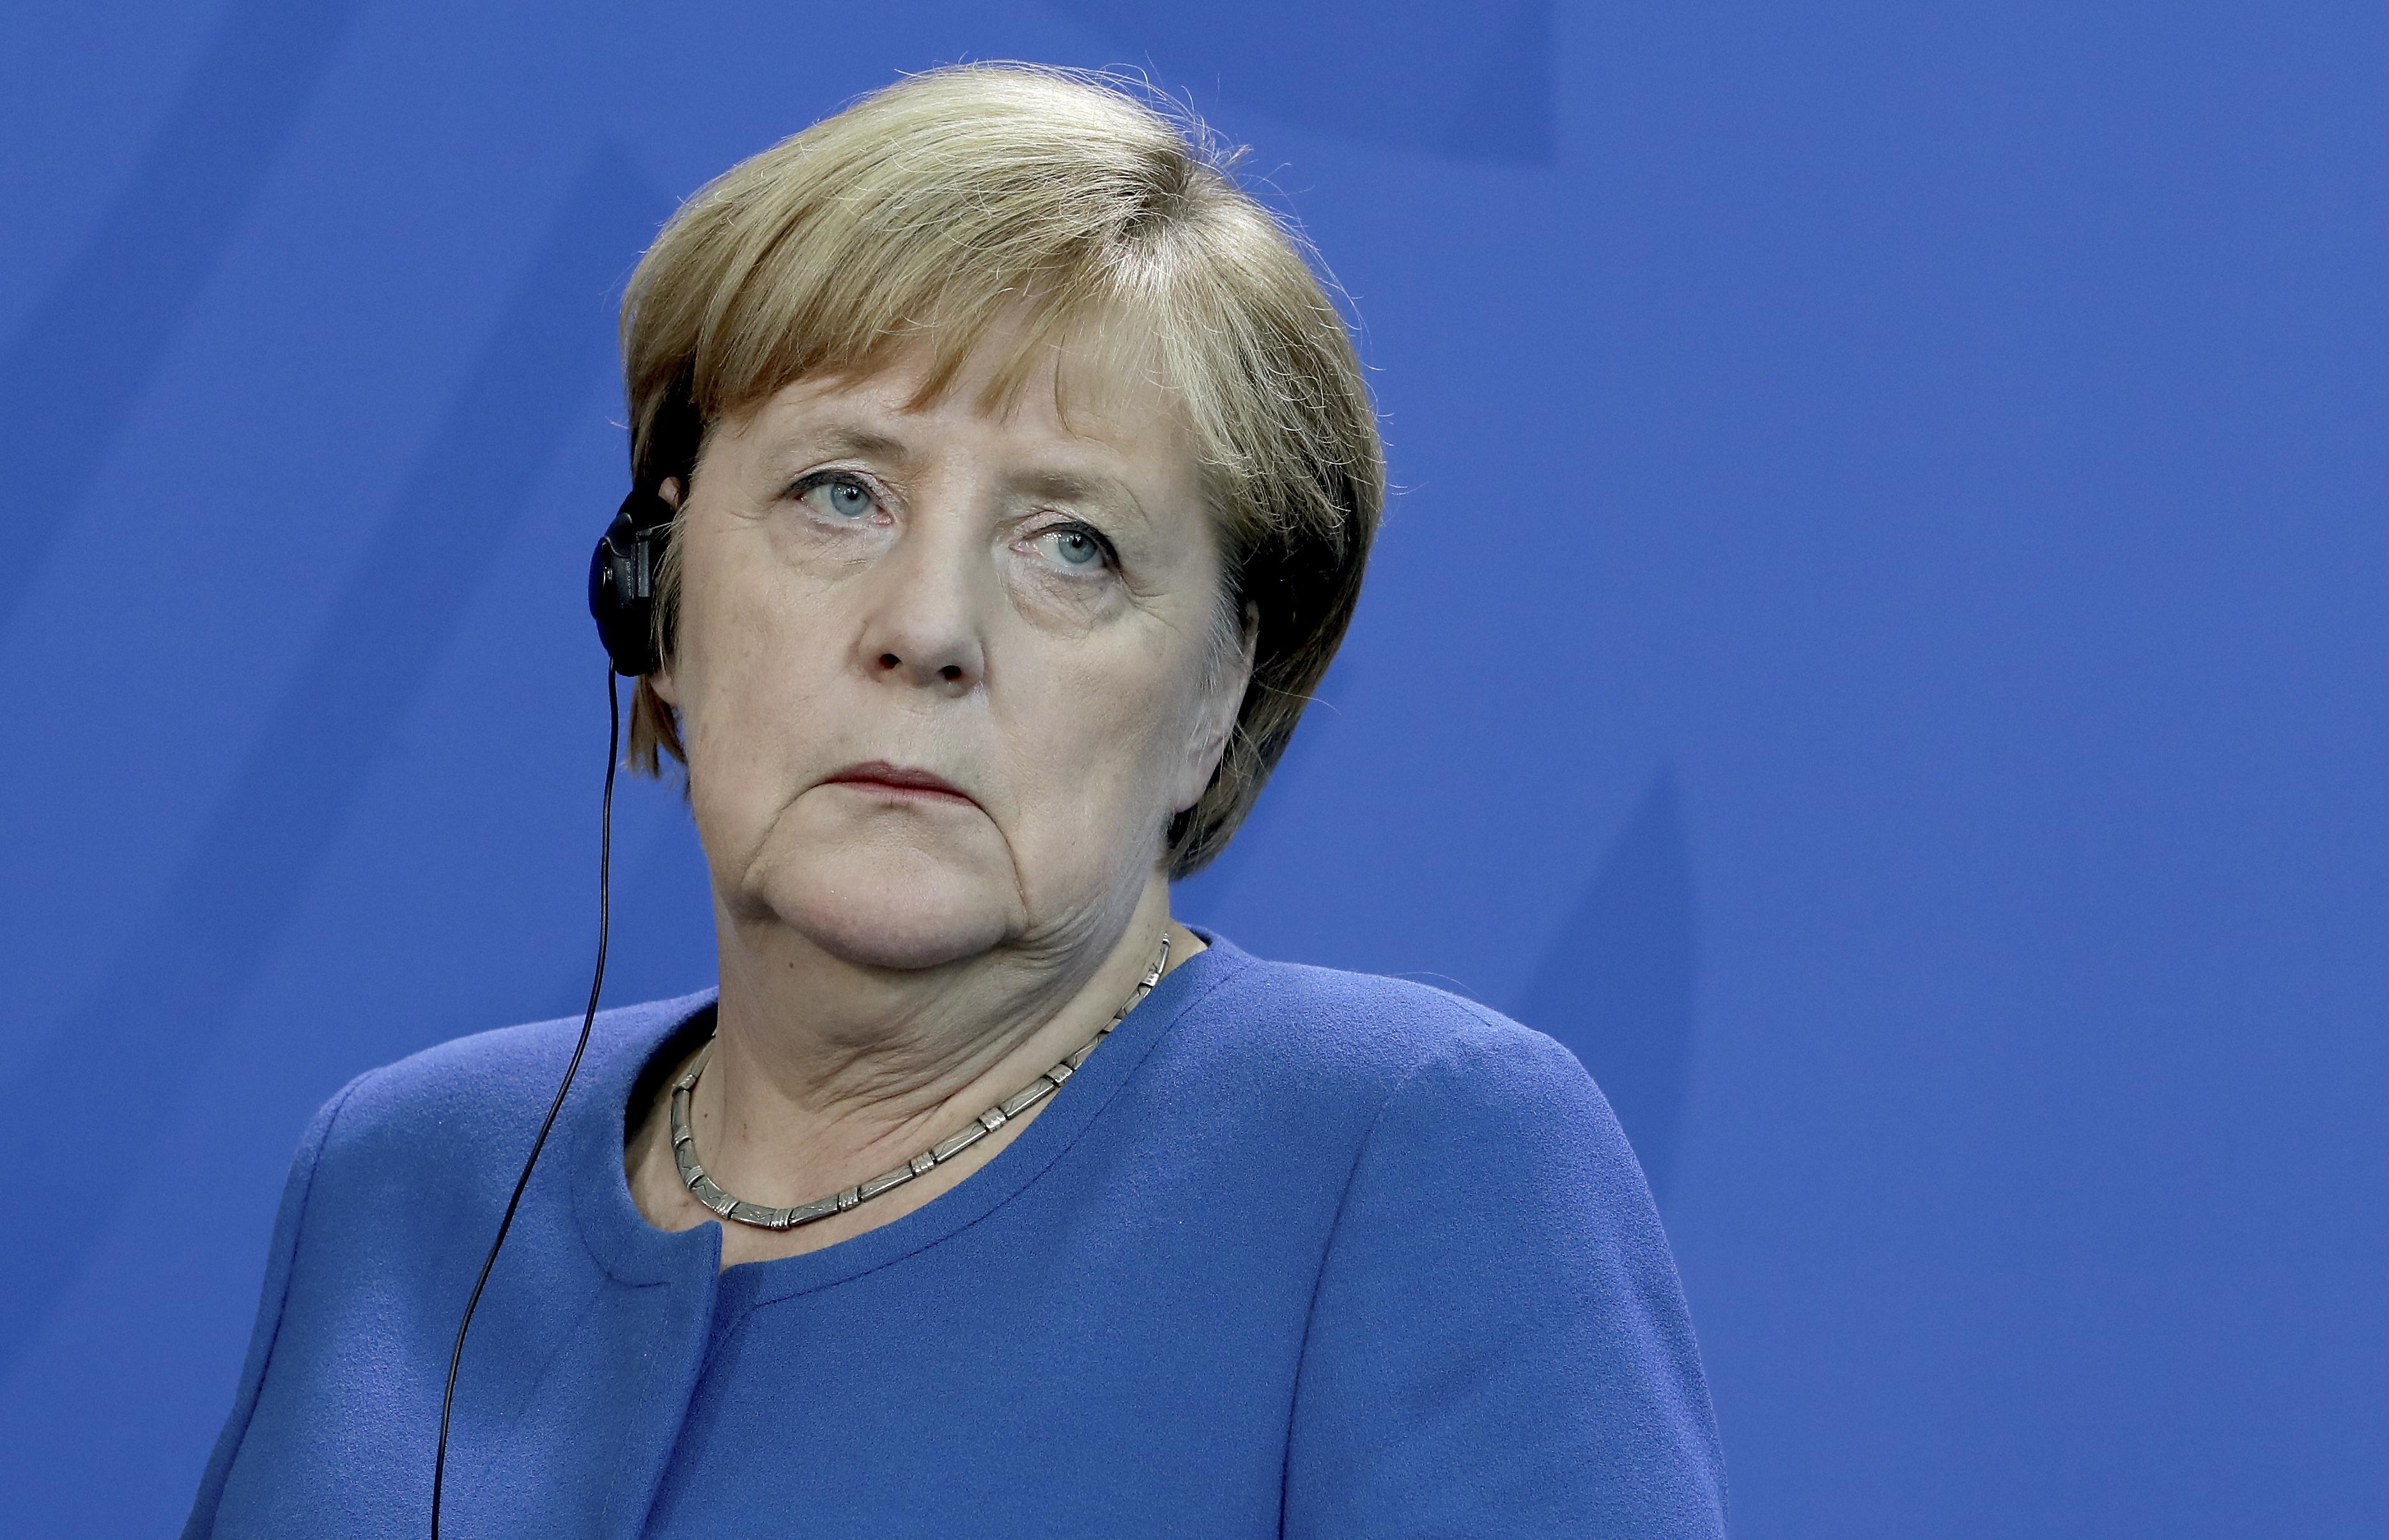 EU Parliament's Brexit chief slams no-deal aim